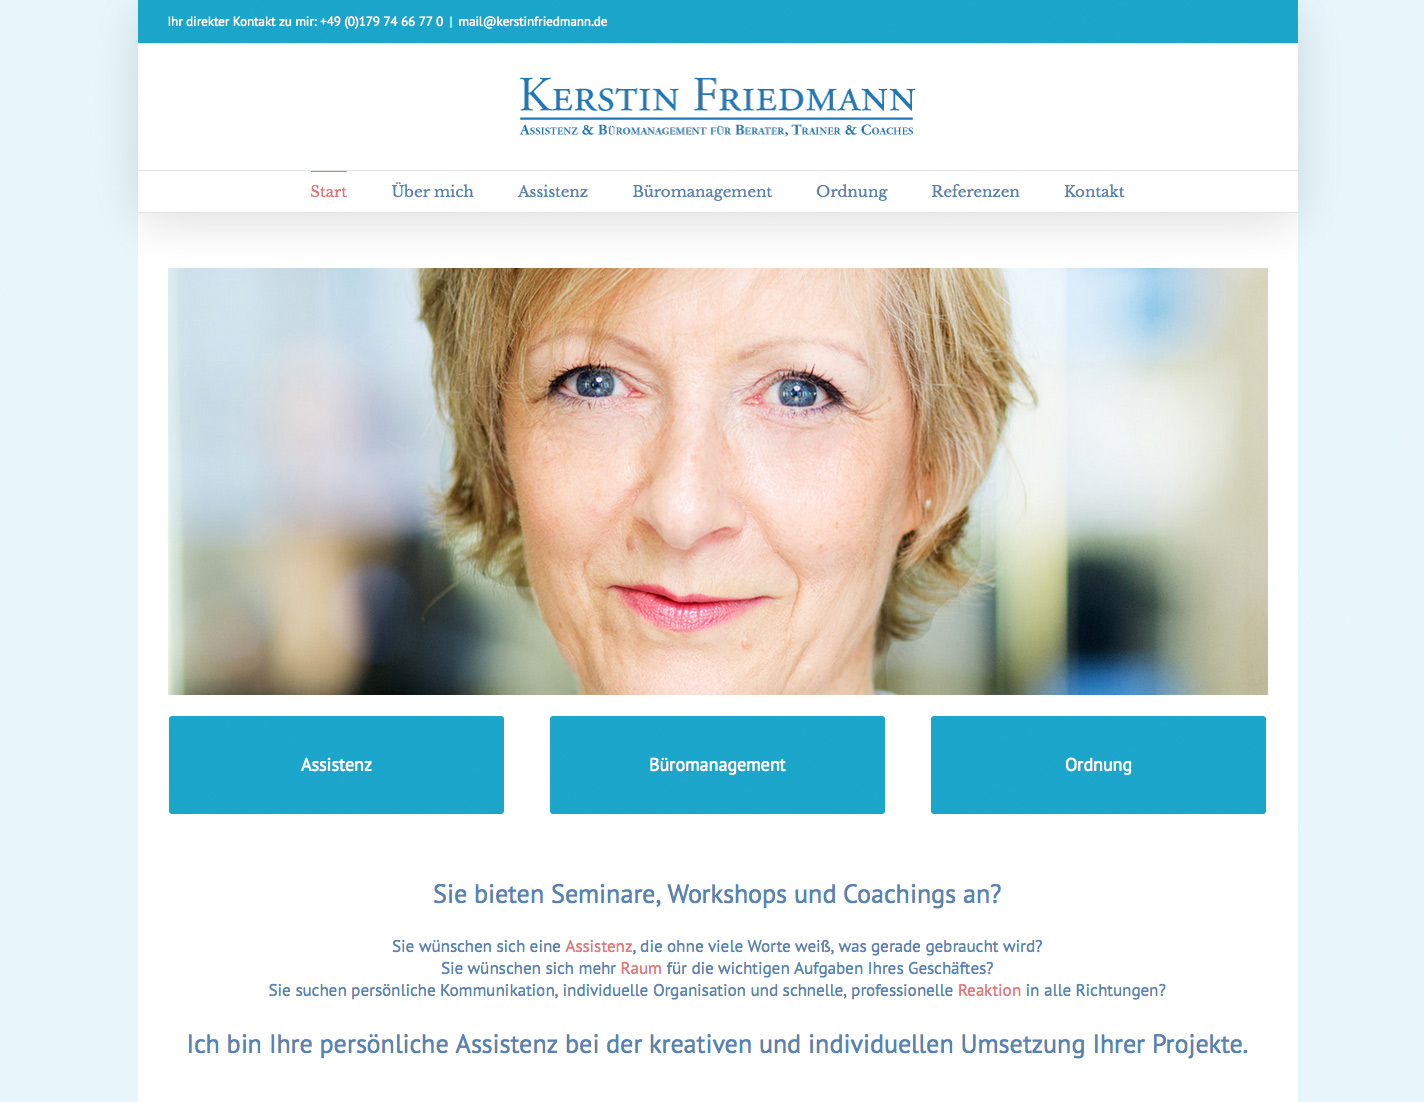 Kerstin Friedmann